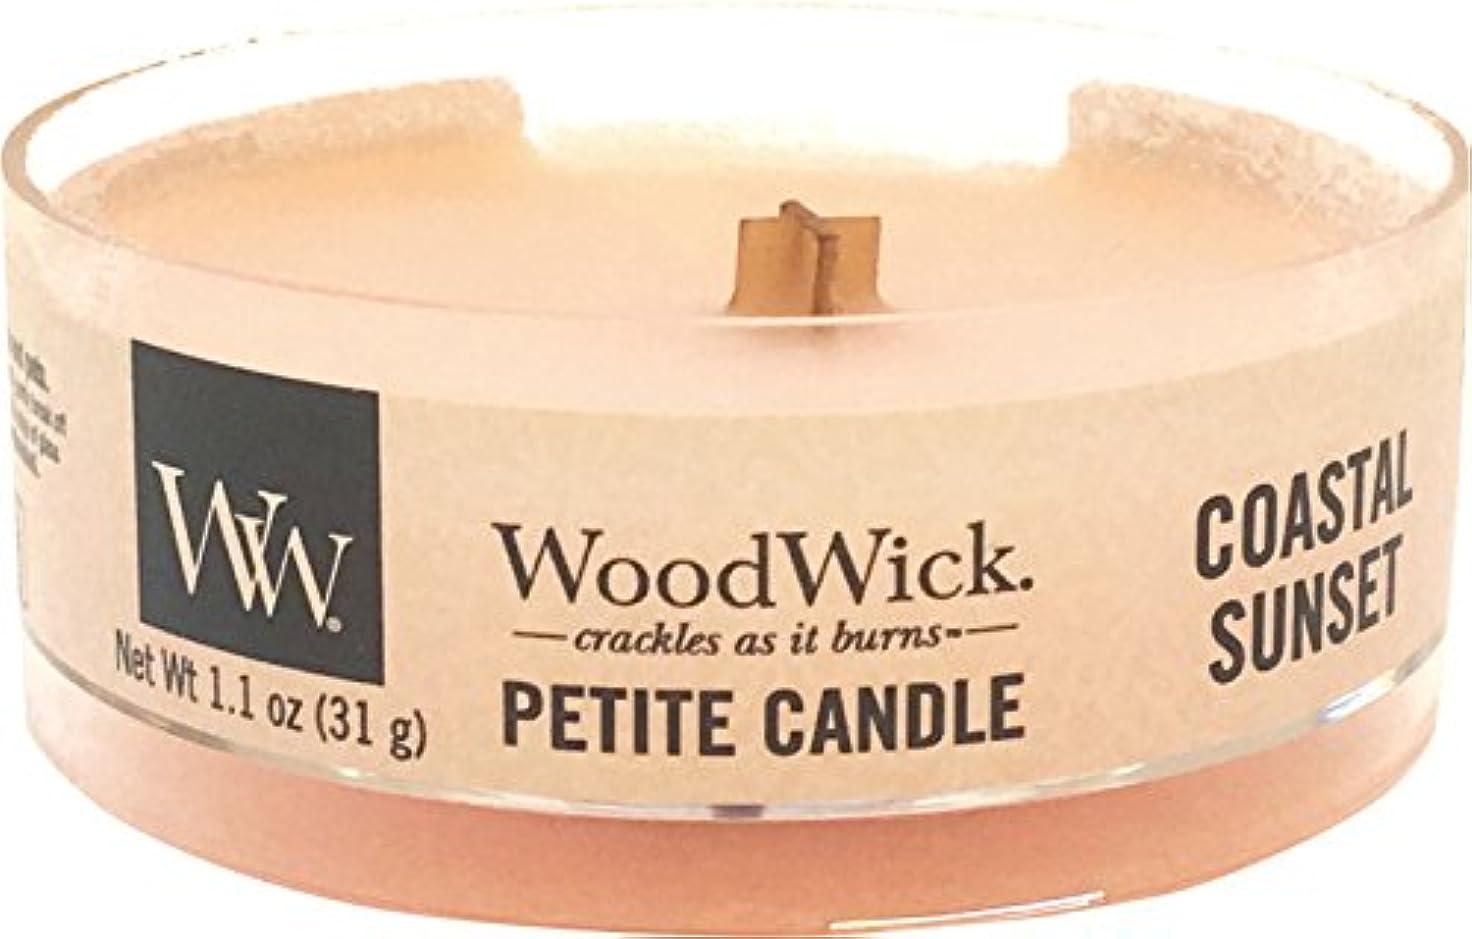 引く樹木配管工Wood Wick ウッドウィック プチキャンドル コースタルサンセット